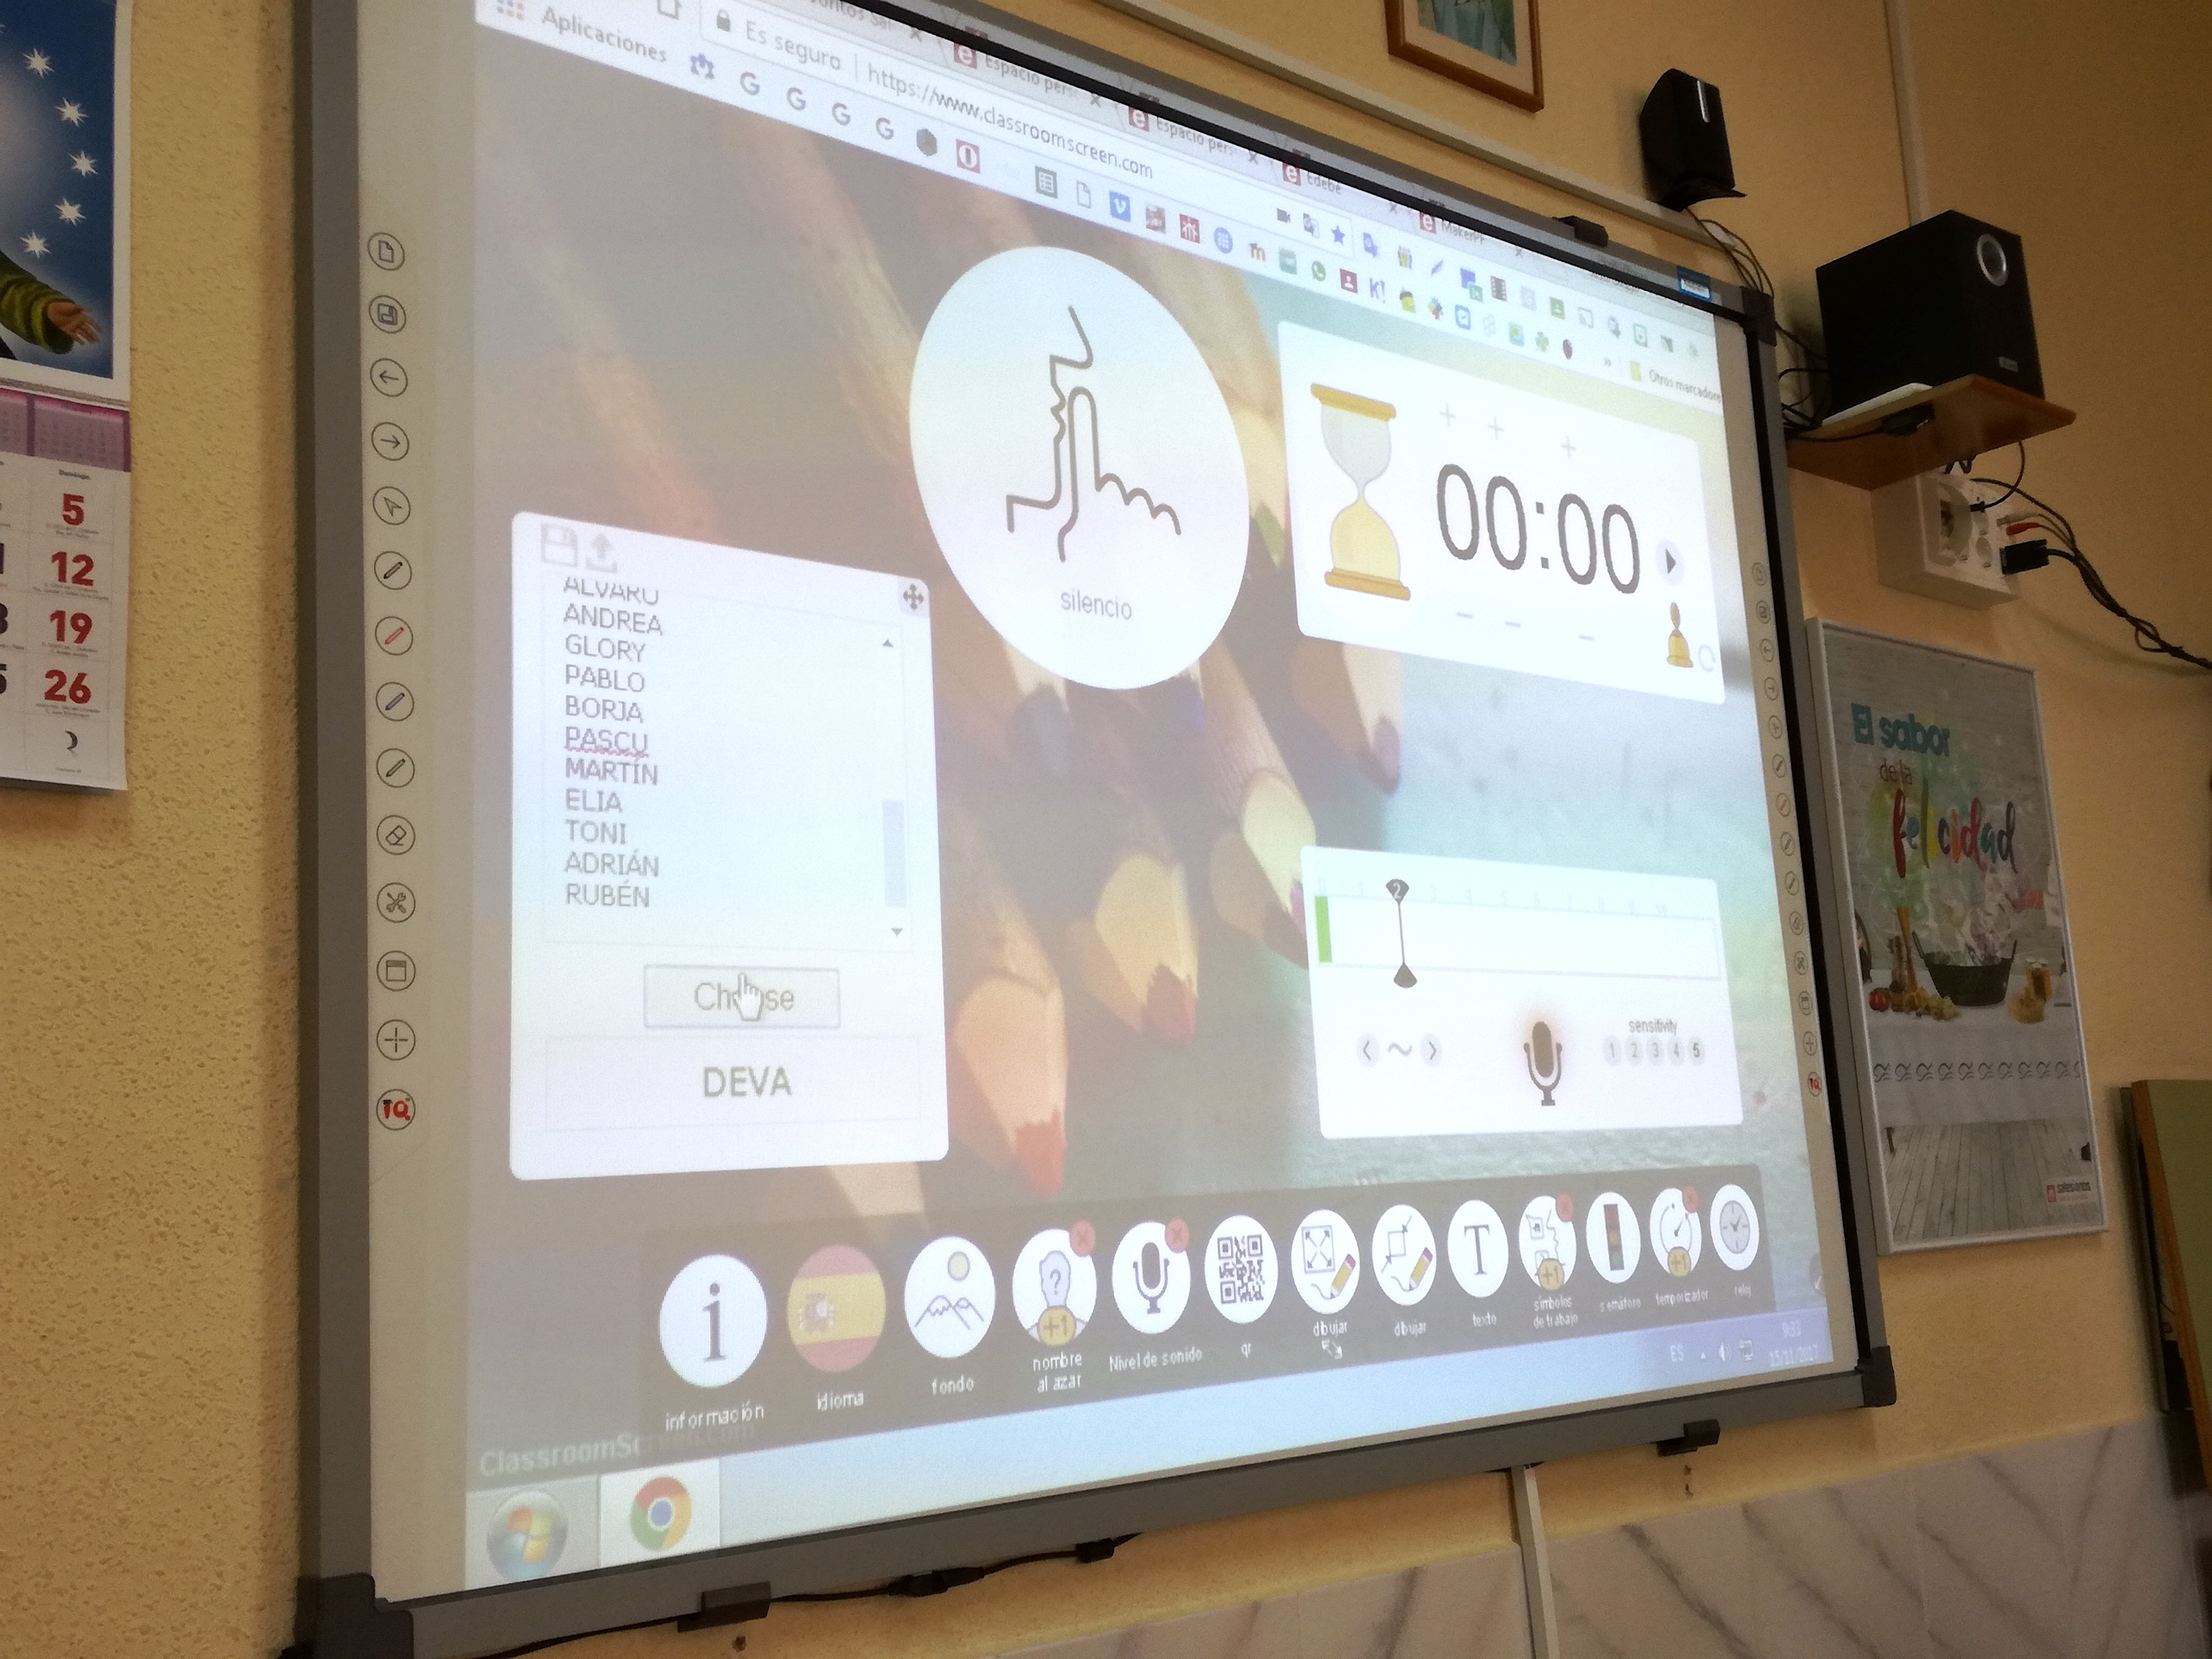 Una herramienta para hacer presentaciones geniales.